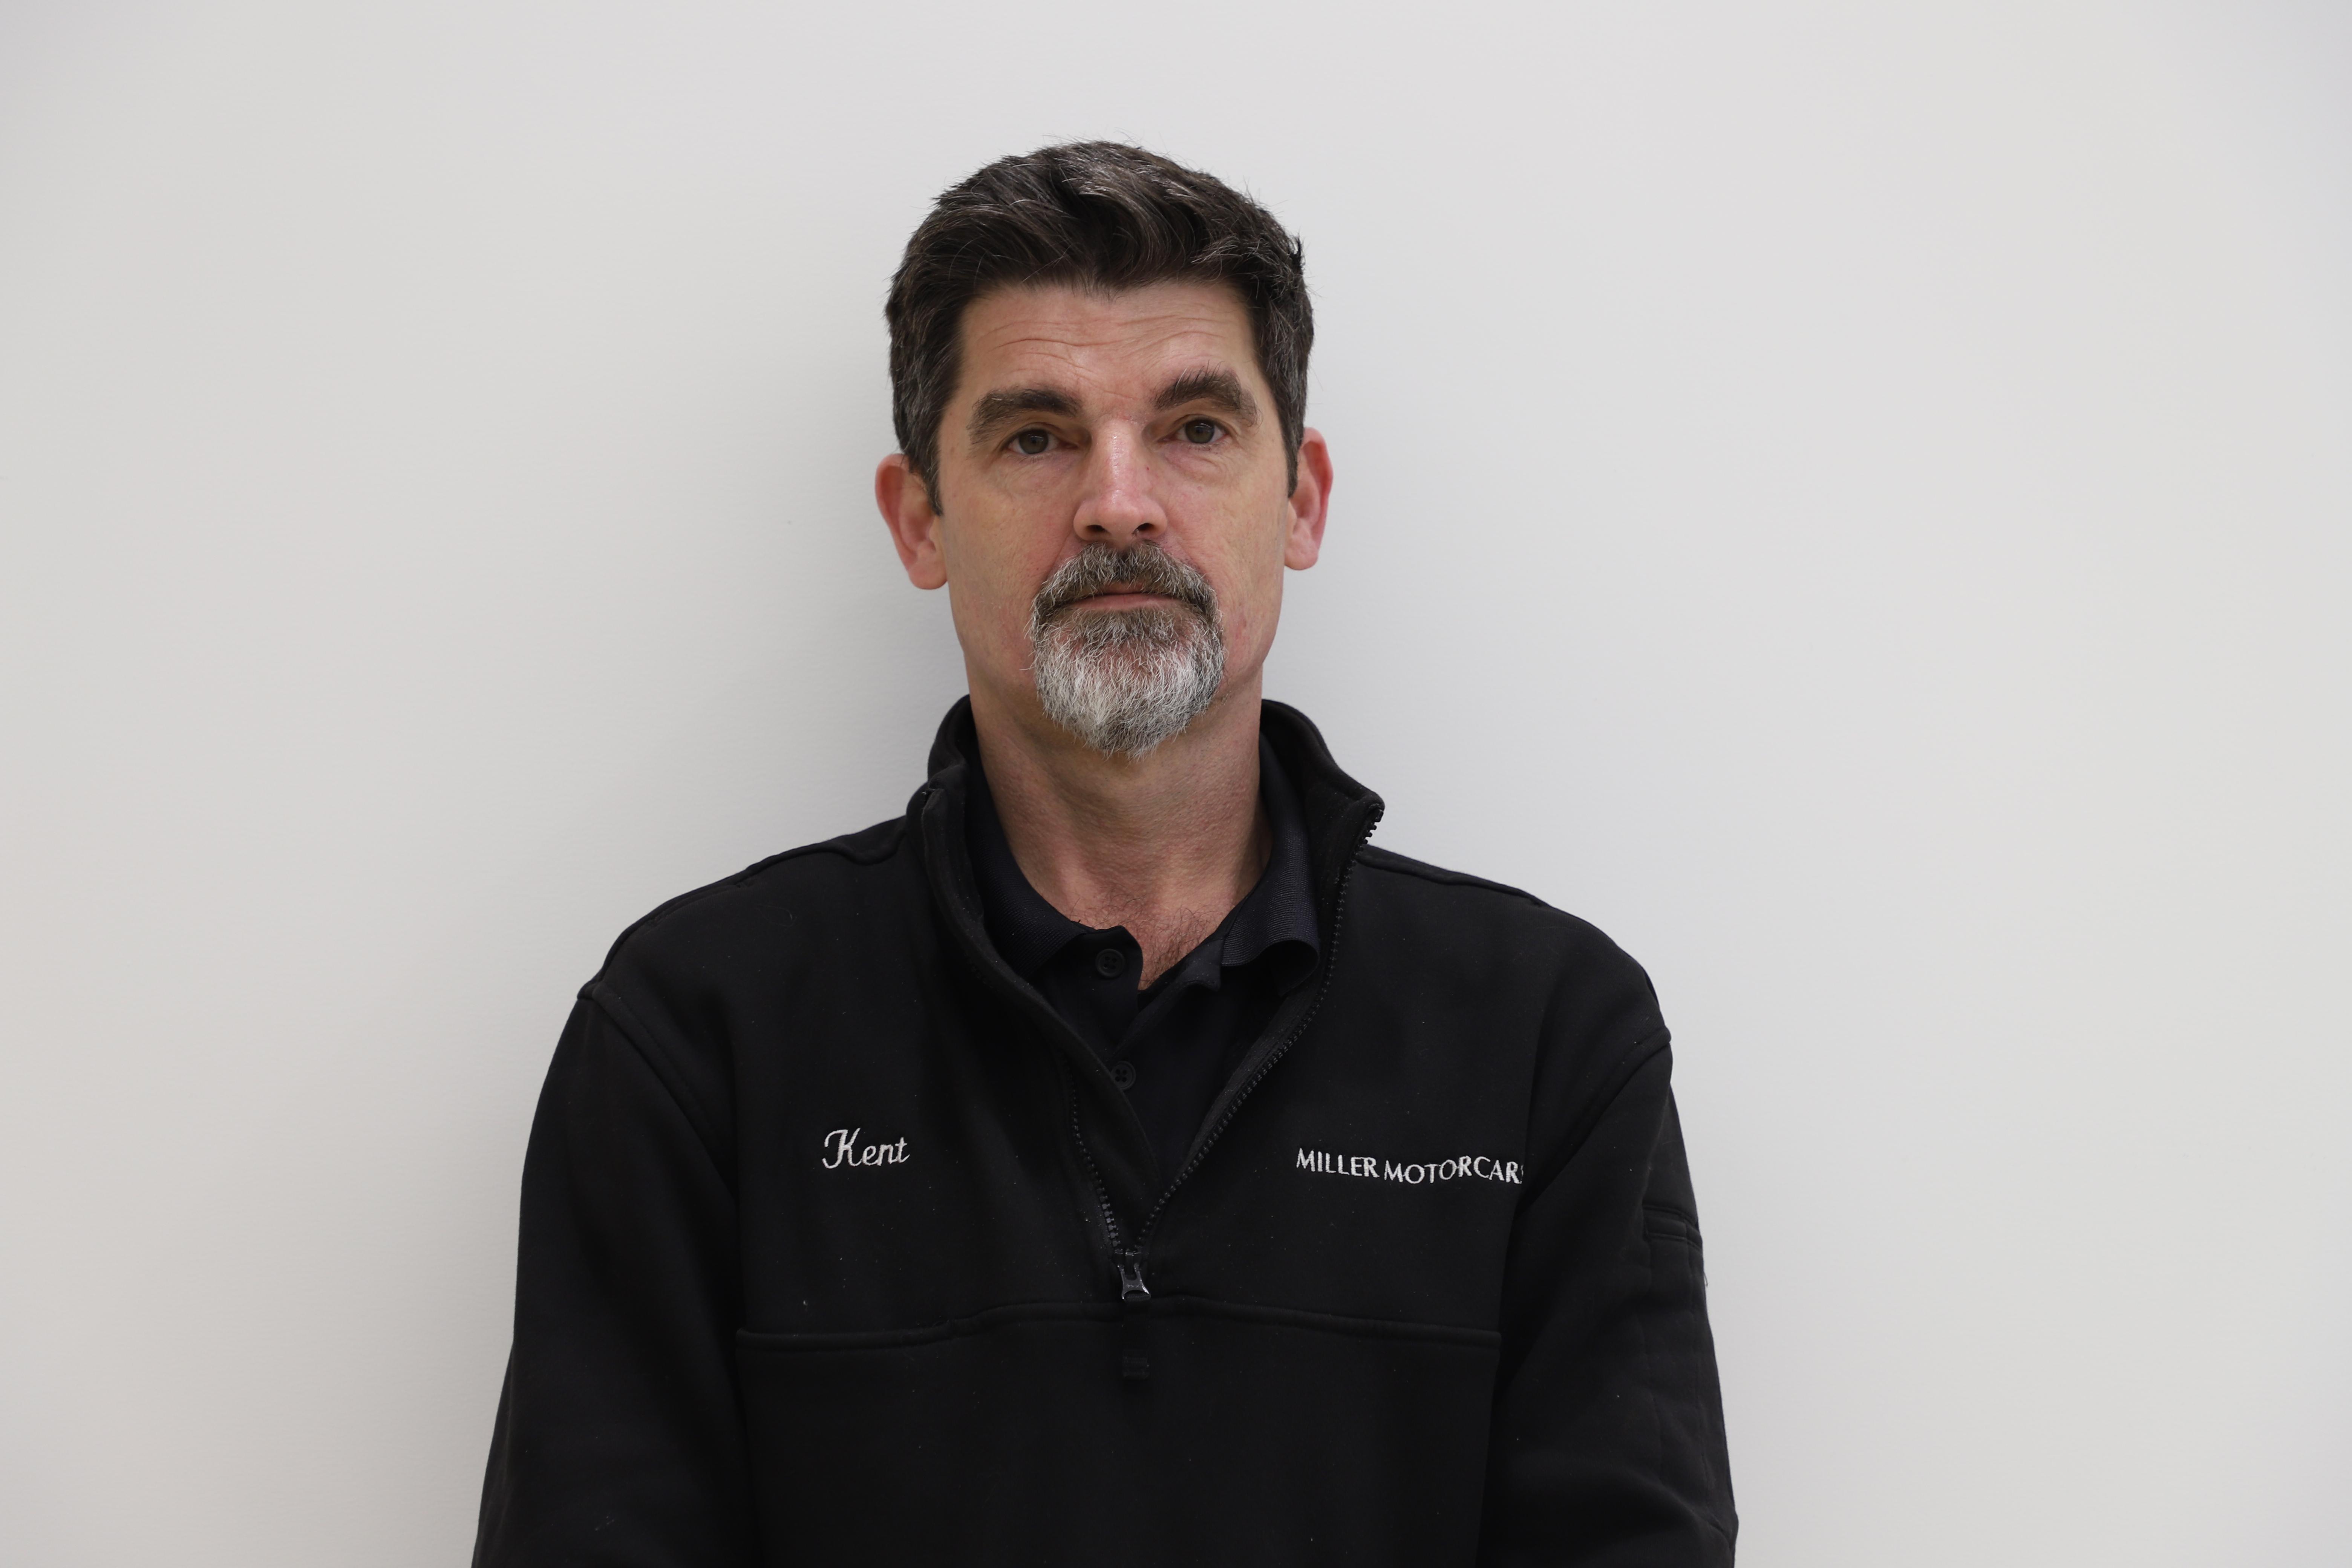 Kent Woodworth - Ferrari Technician